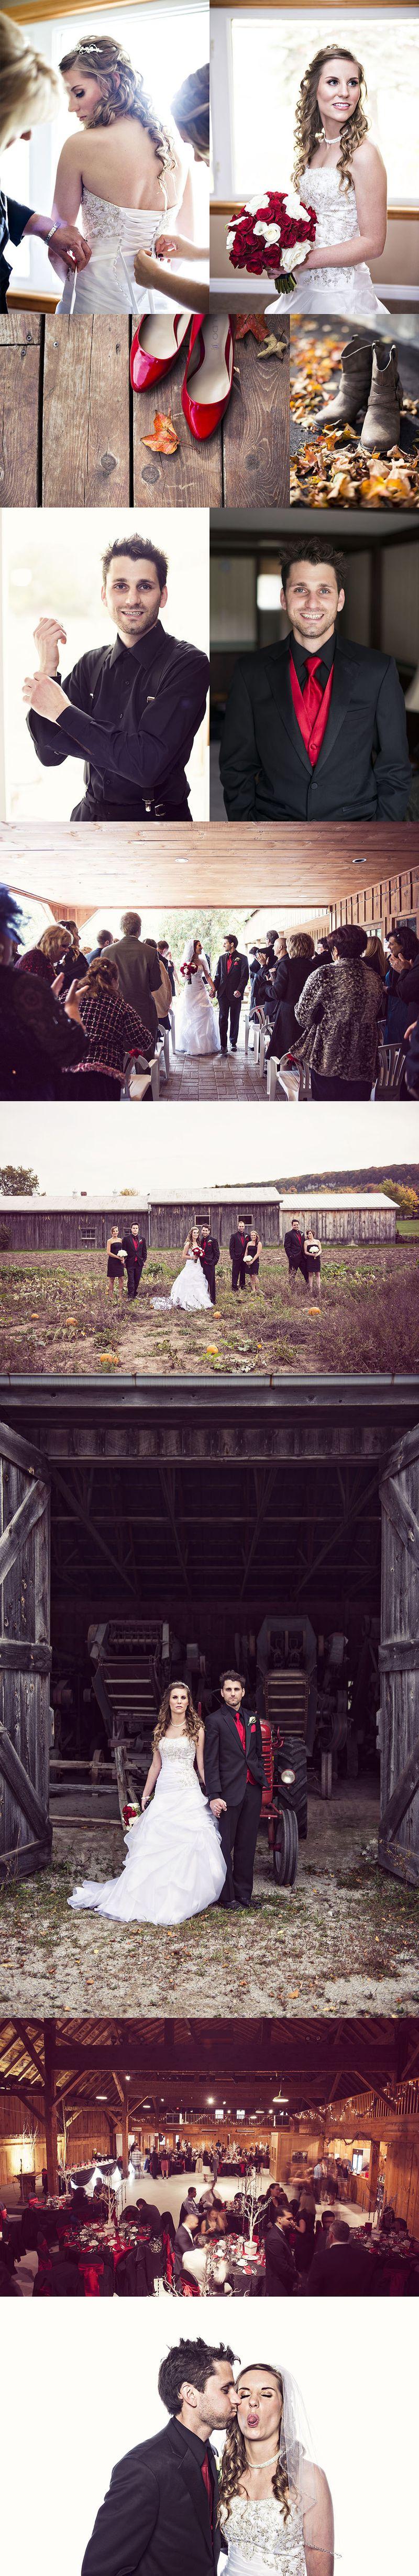 MV_Wedding